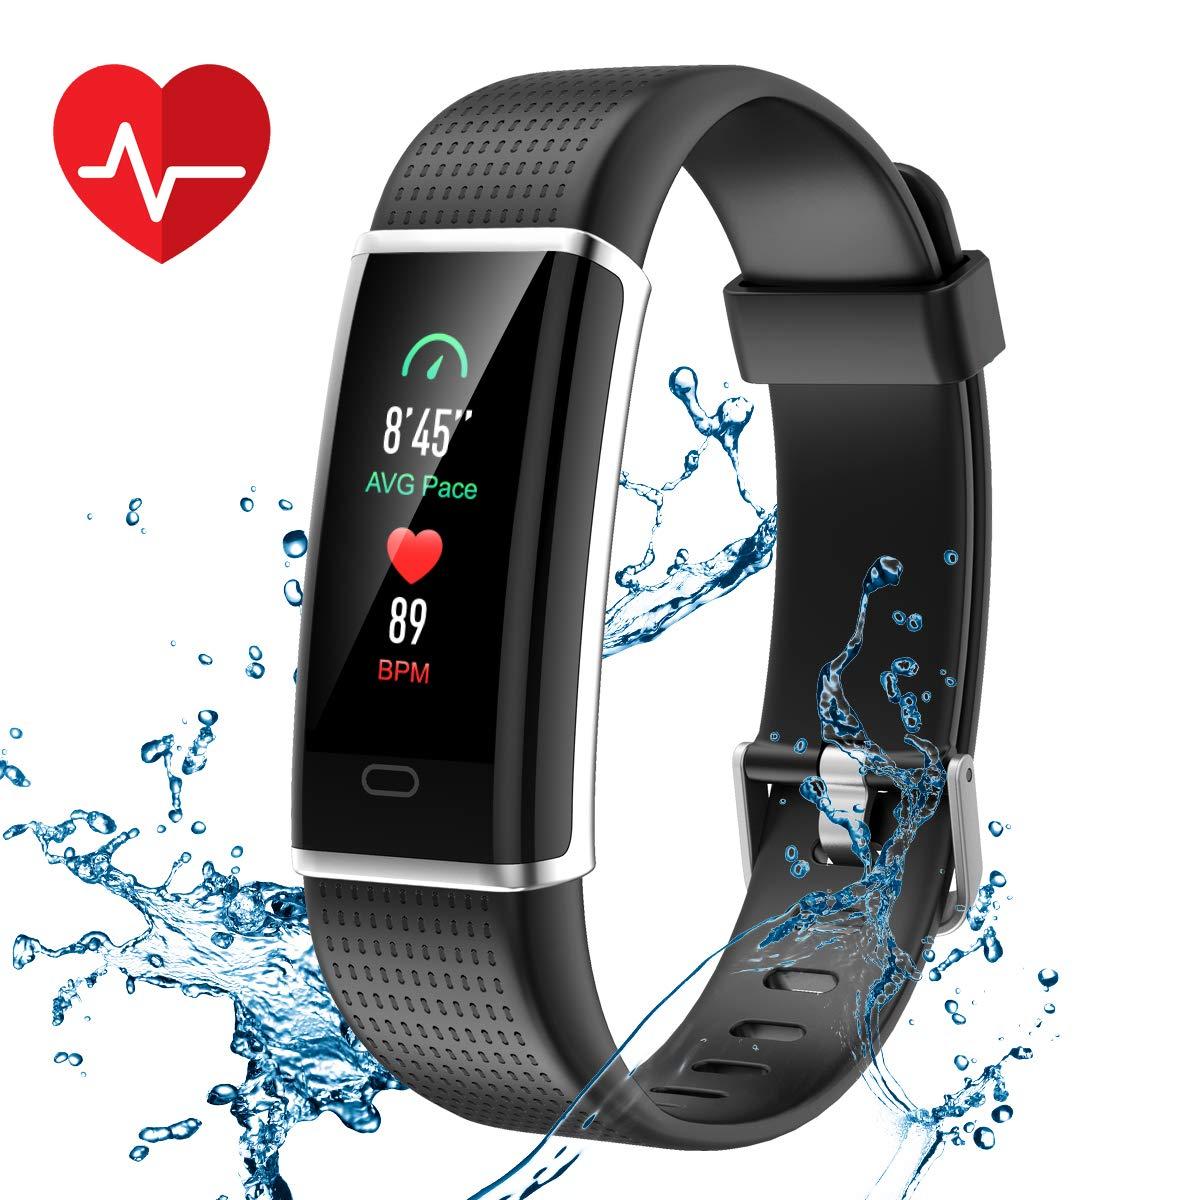 CHEREEKI Pulsera Actividad, Pulsera de Actividad Inteligente Frecuencia Cardíaca Monitor, IP68 Impermeable Pantalla Color, Monitor de Sueño, 14 Modos de Deporte, Bluetooth Pulsera Inteligente(Negro)